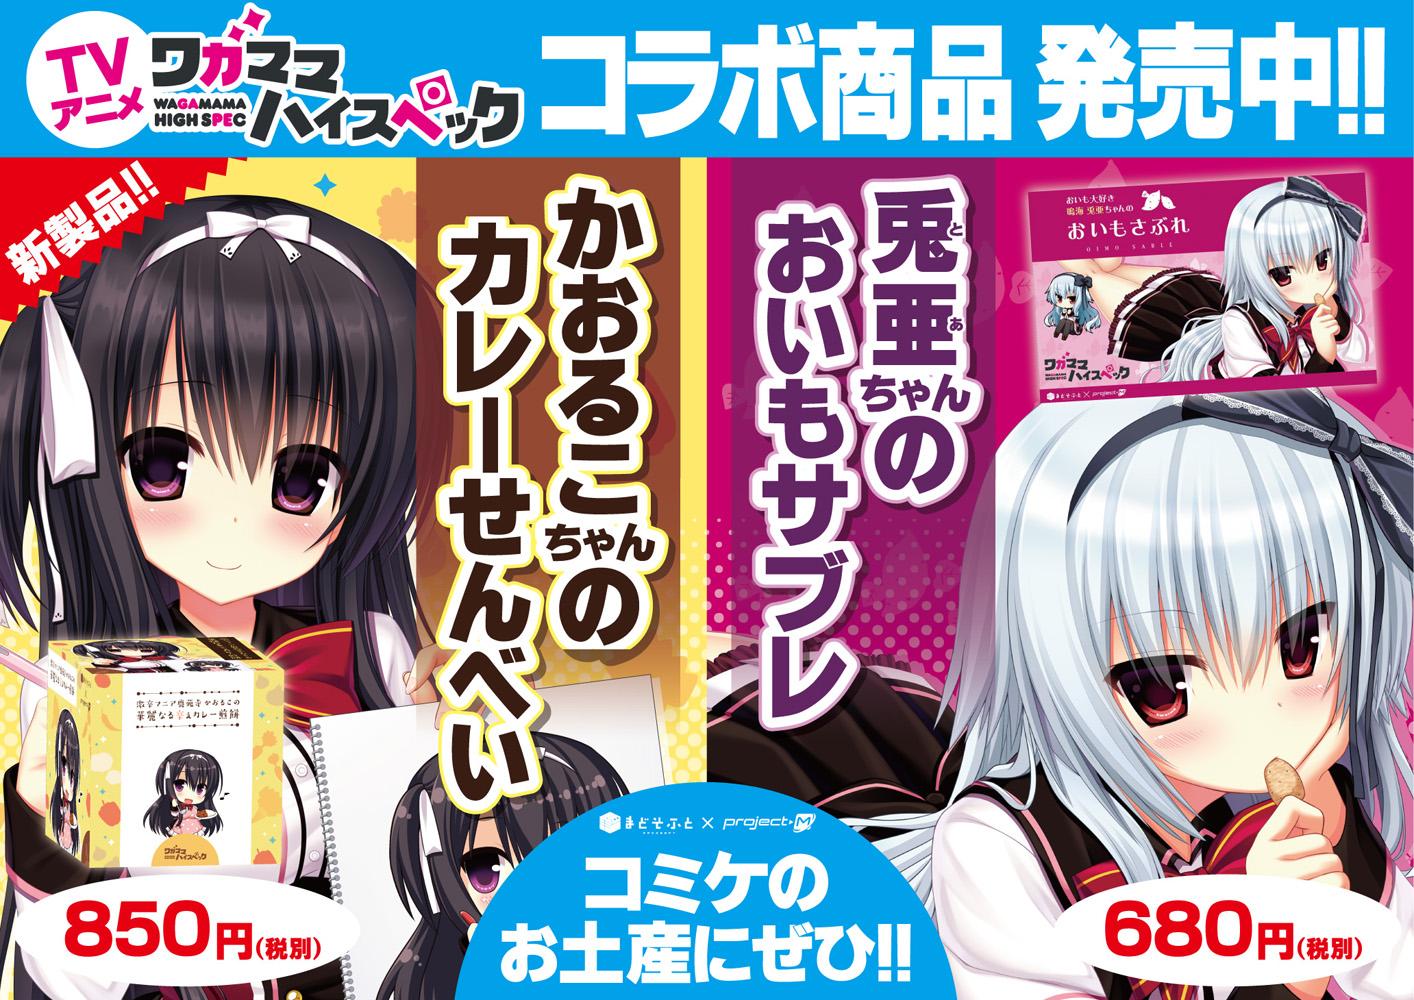 http://madosoft.net/files/uploads/ワガハイコラボお菓子_告知POP(B2横)_コミケver.jpg